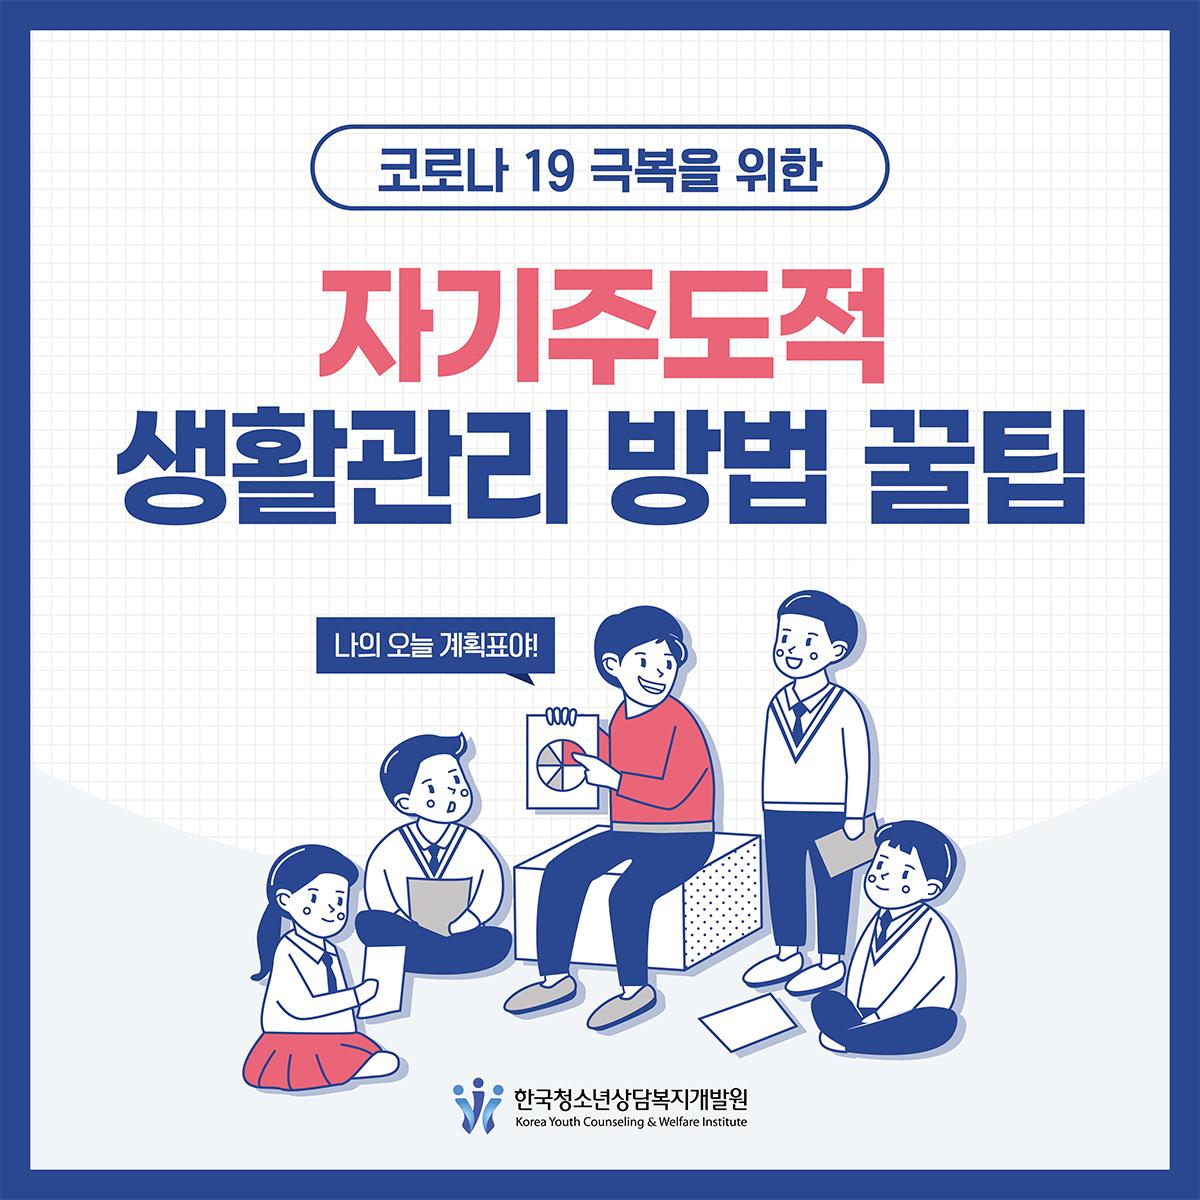 [코로나19 극복을 위한] 자기주도적 생활관리 방법 꿀팁 *한국청소년상담복지개발원